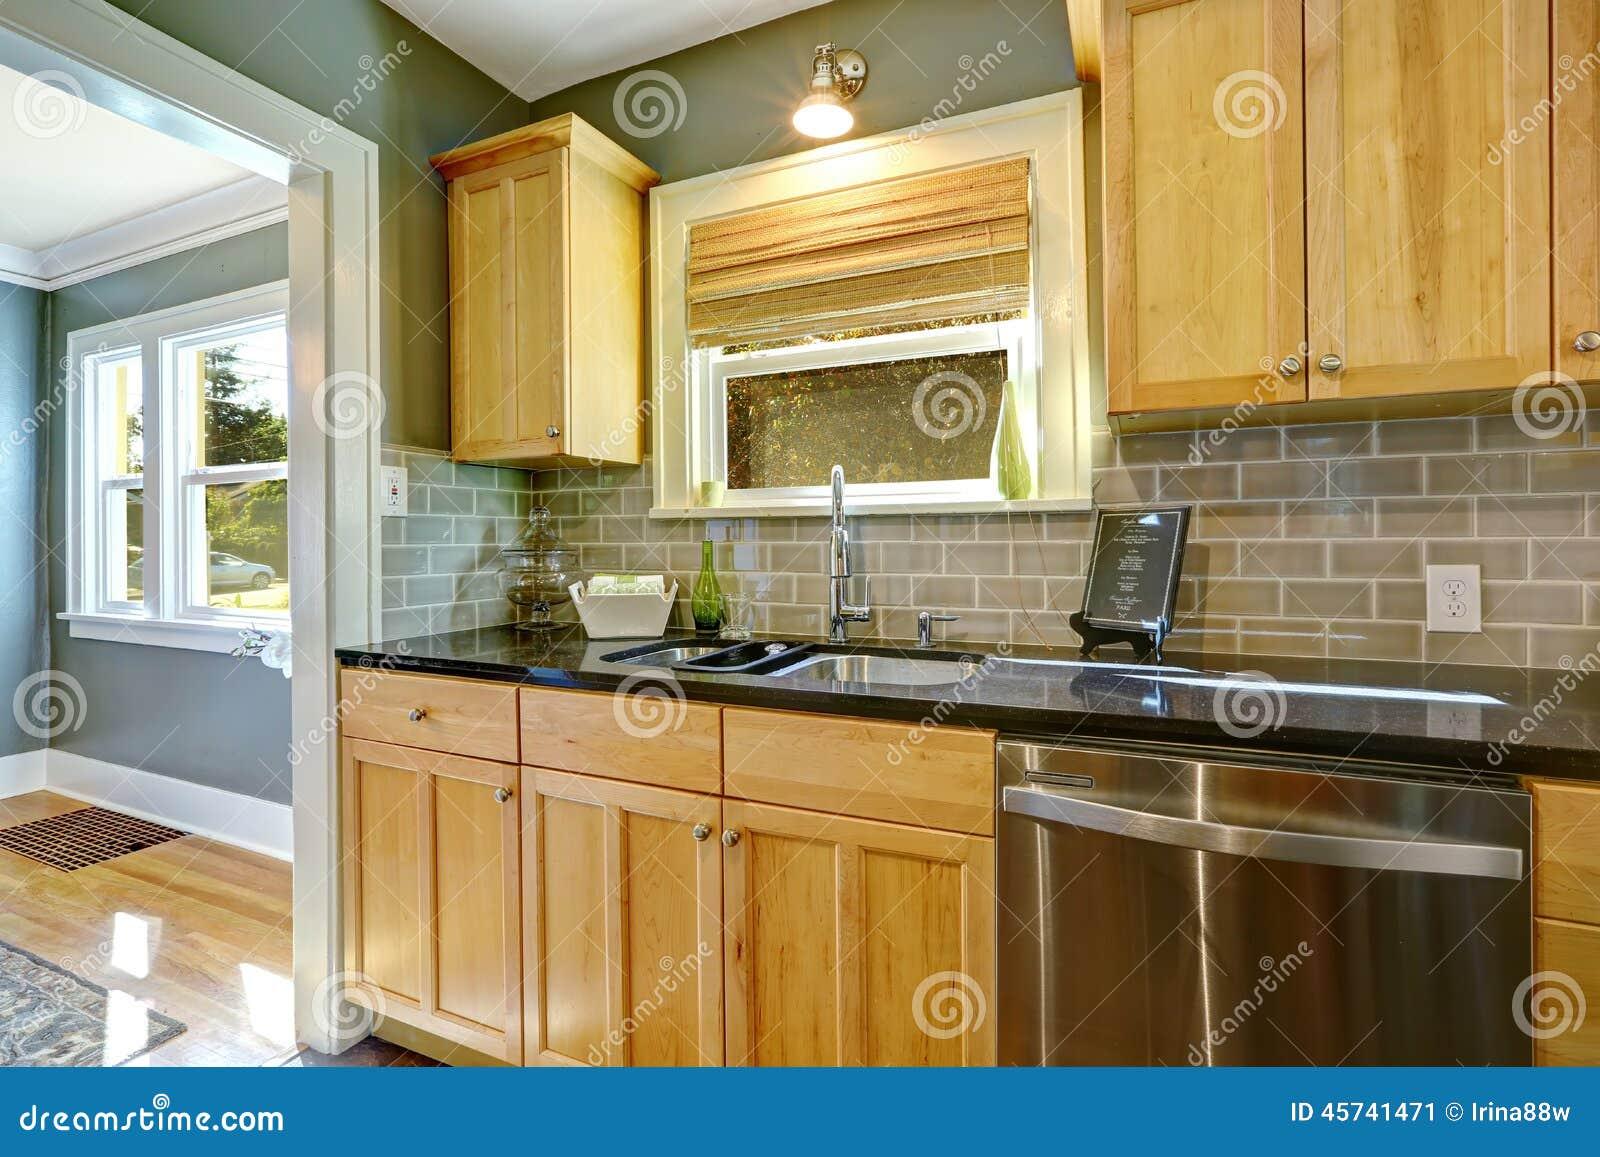 Gres porcellanato effetto legno x pareti - Armadi da cucina ...